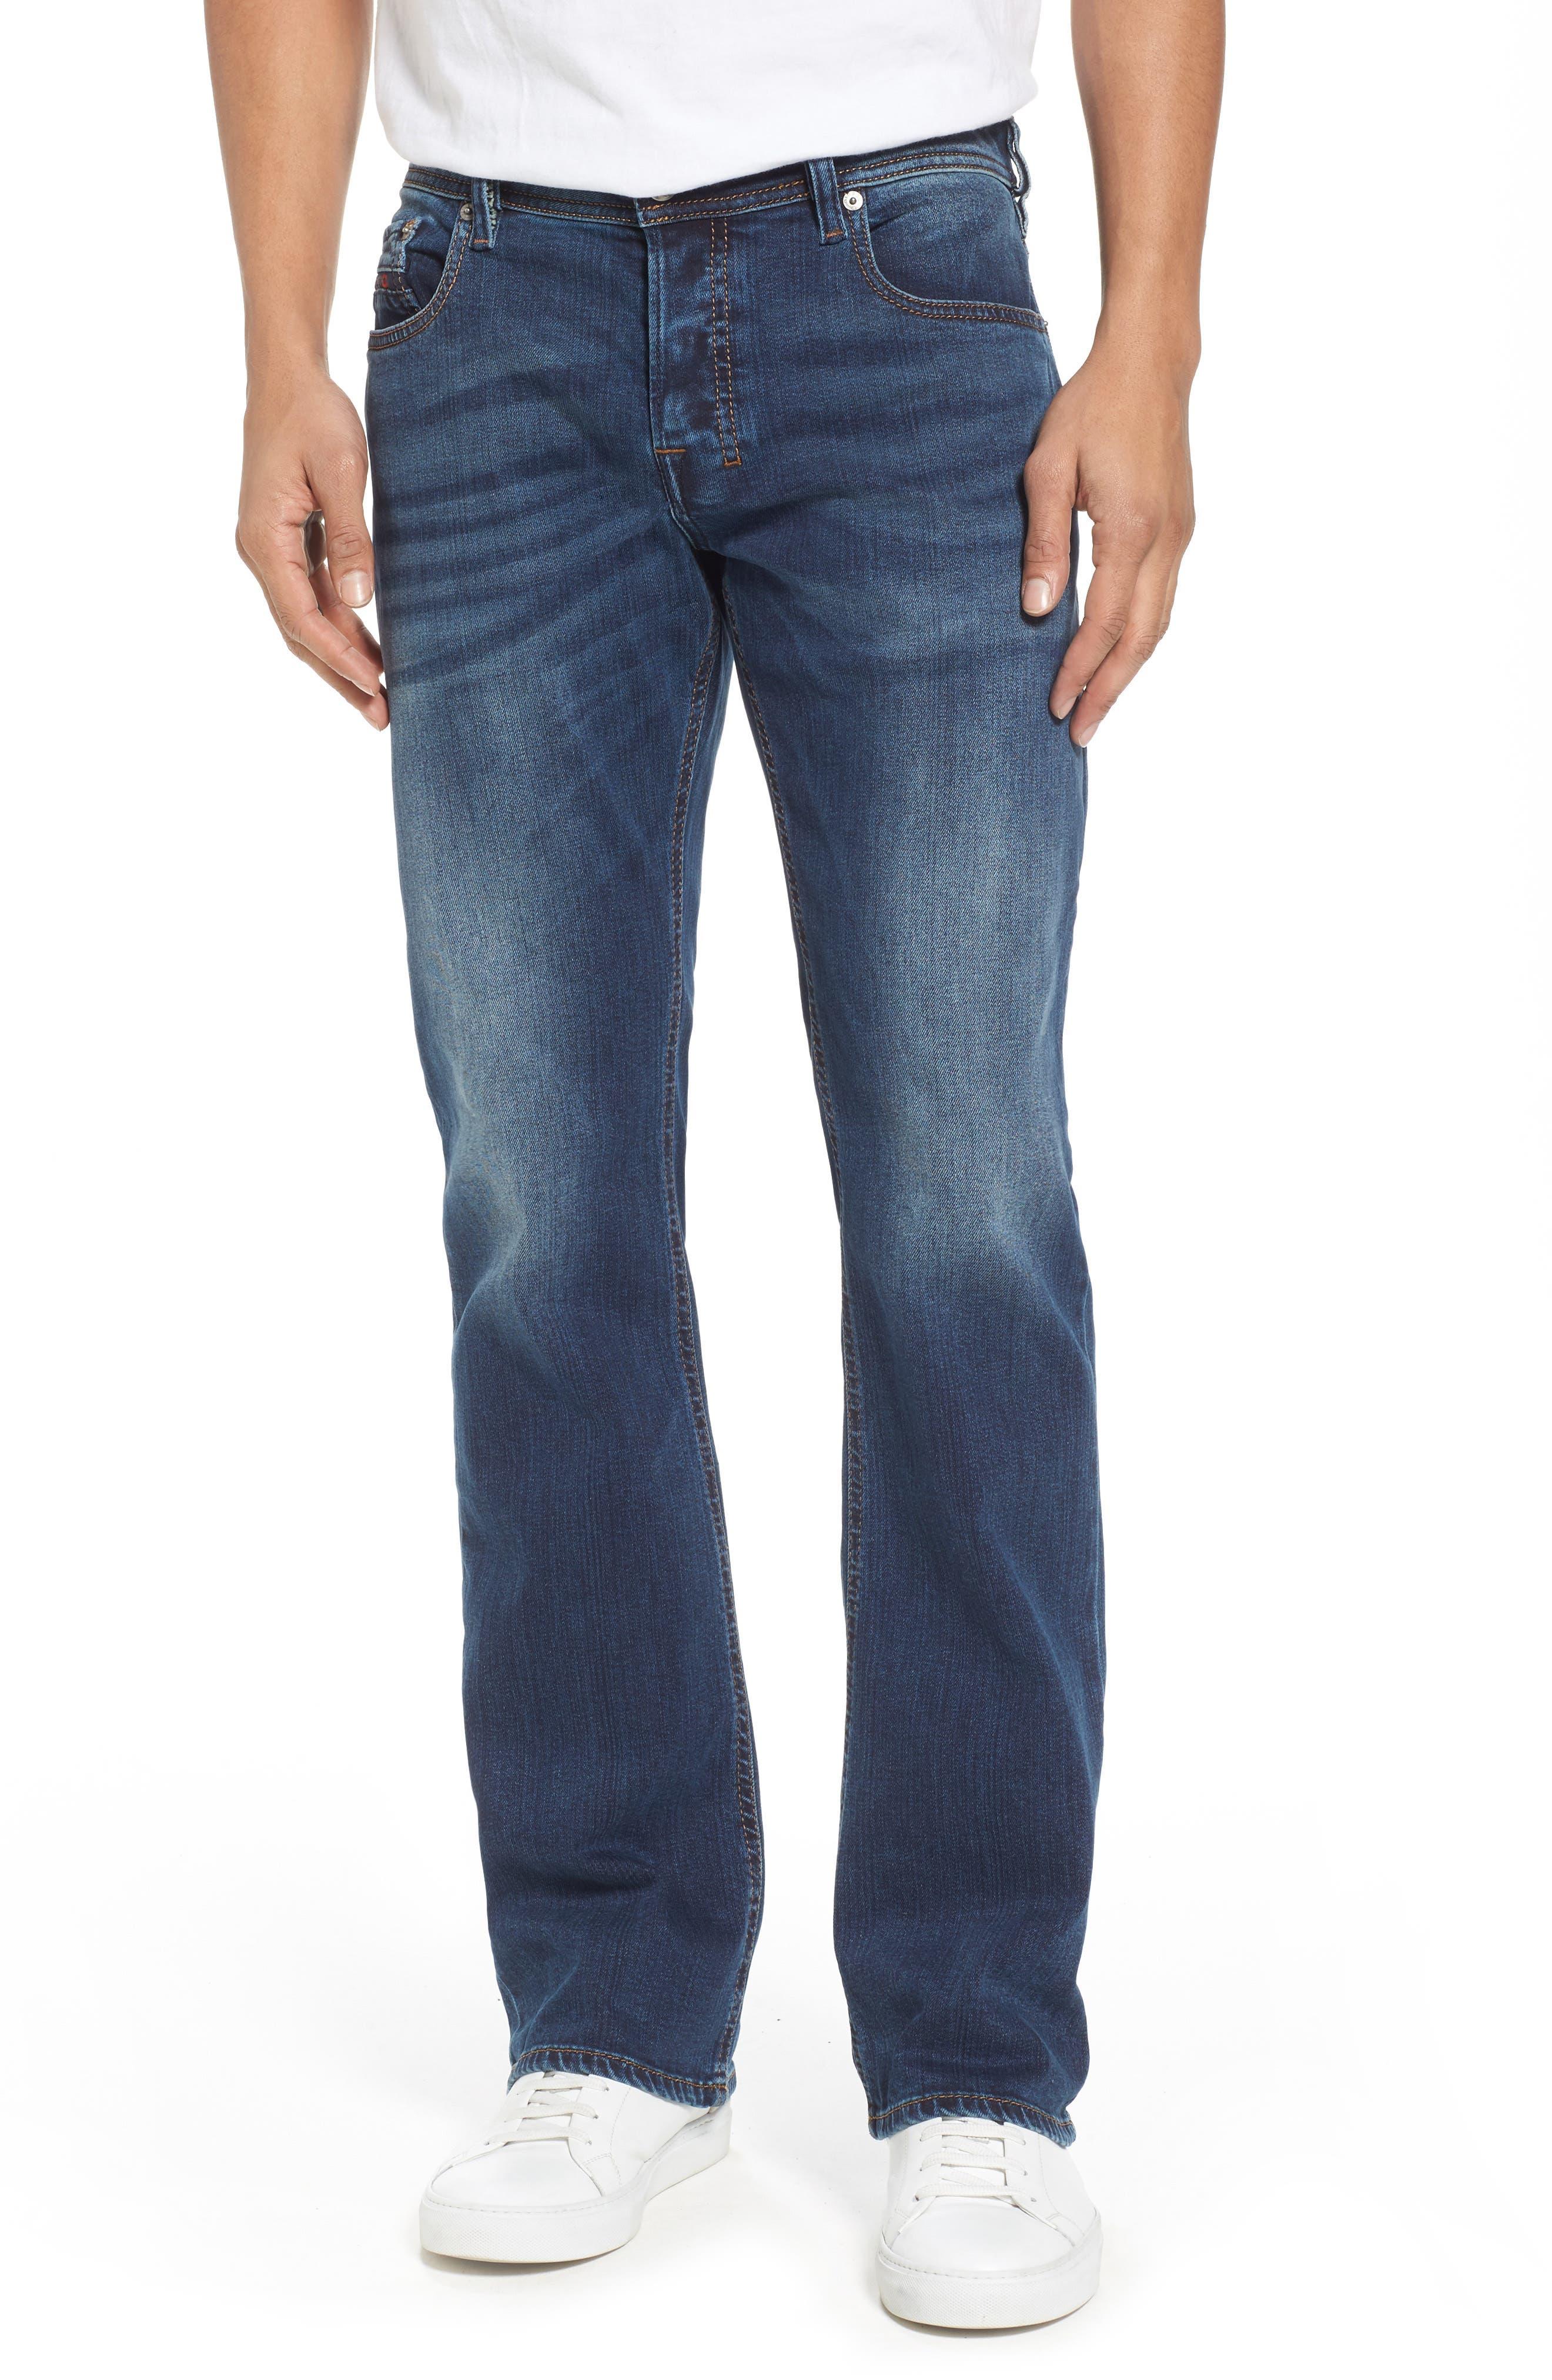 Zatiny Bootcut Jeans,                         Main,                         color, 084BU